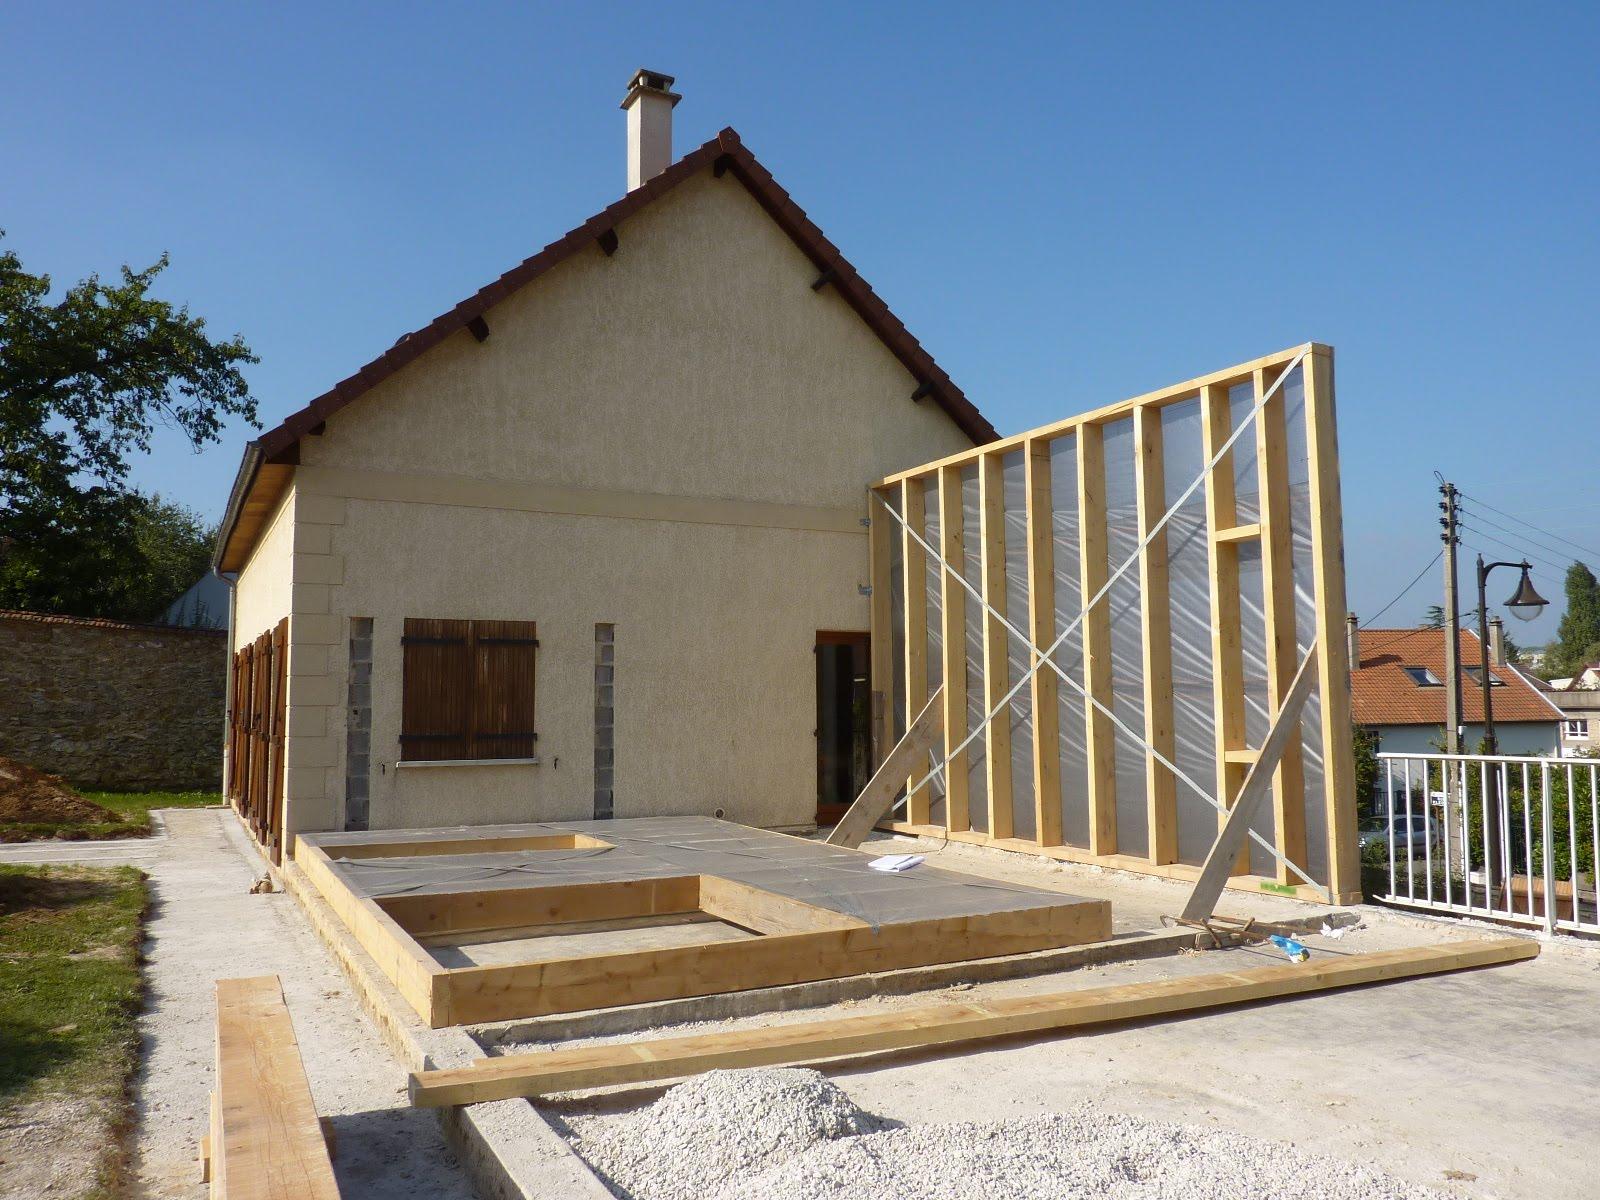 Chantier extension bois le chesnay semaine 3 for Architecte extension bois